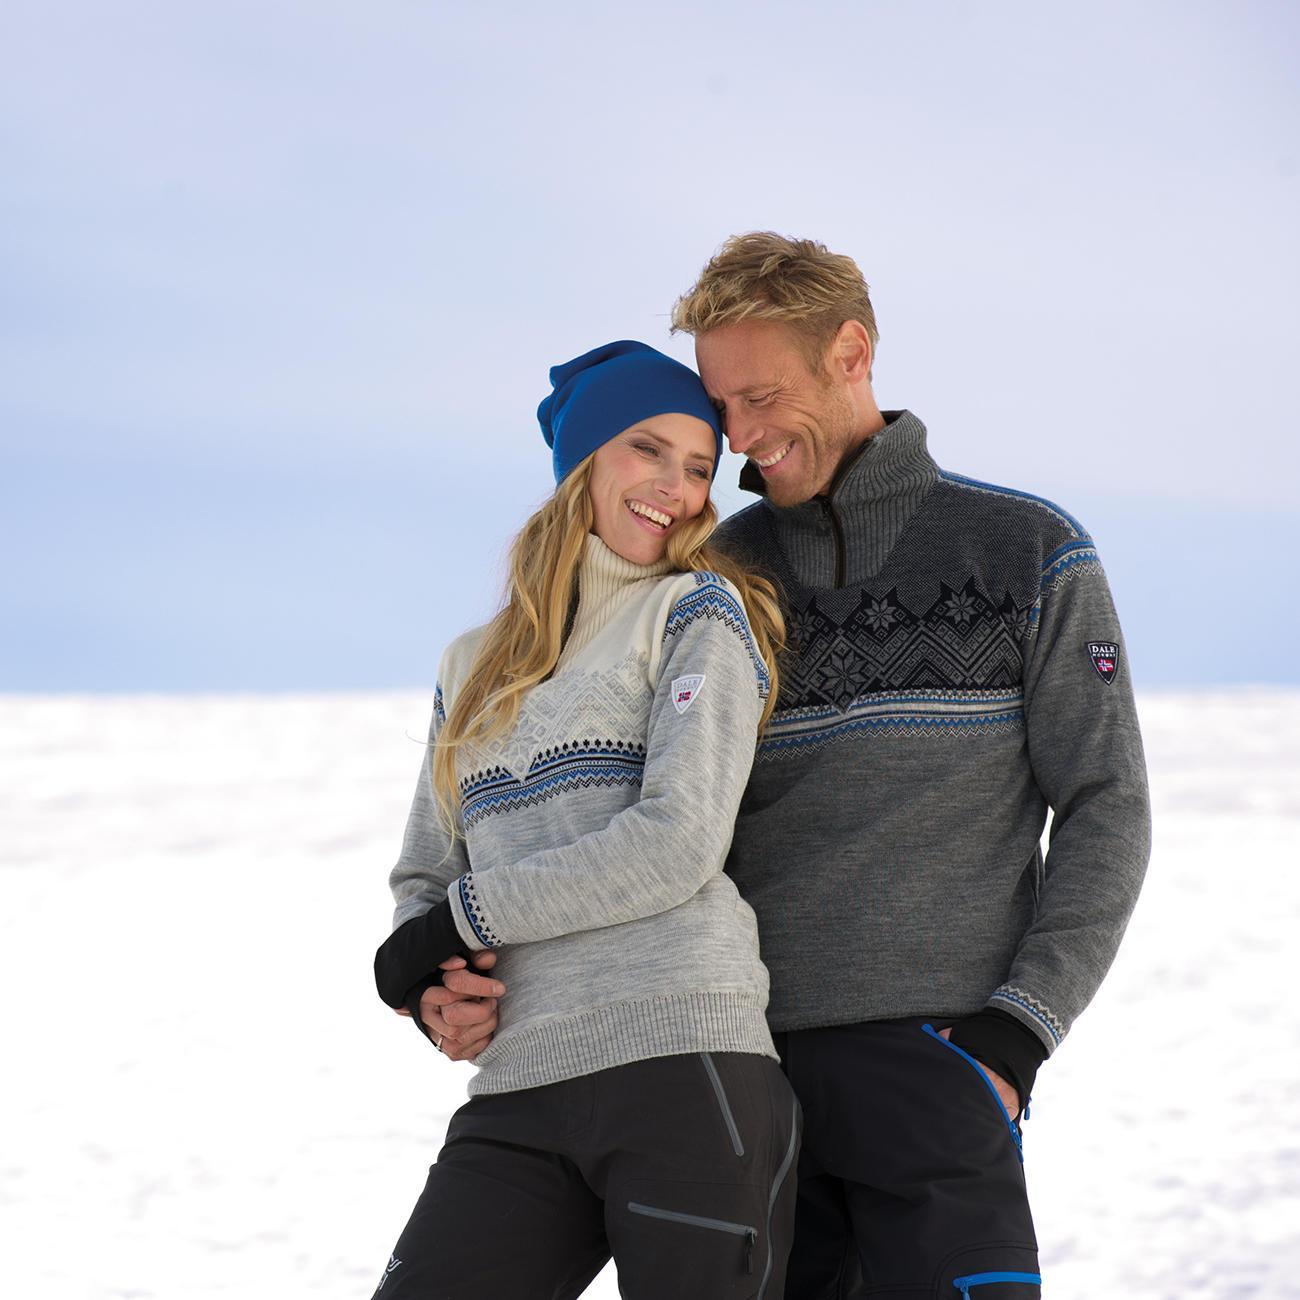 Norweger Pullover Glittertind für Damen entdecken